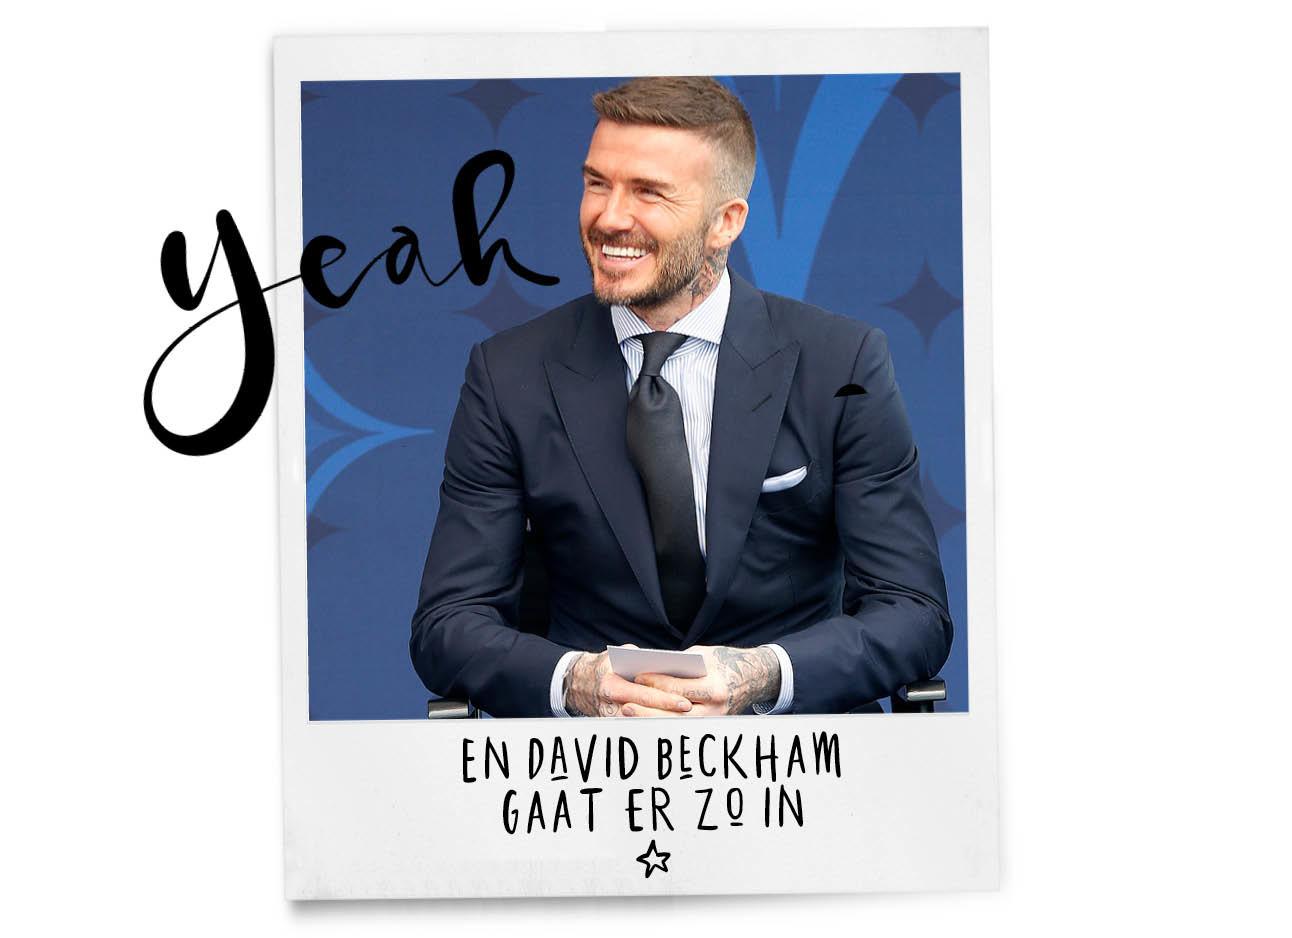 david beckham in pak voor blauwe muur